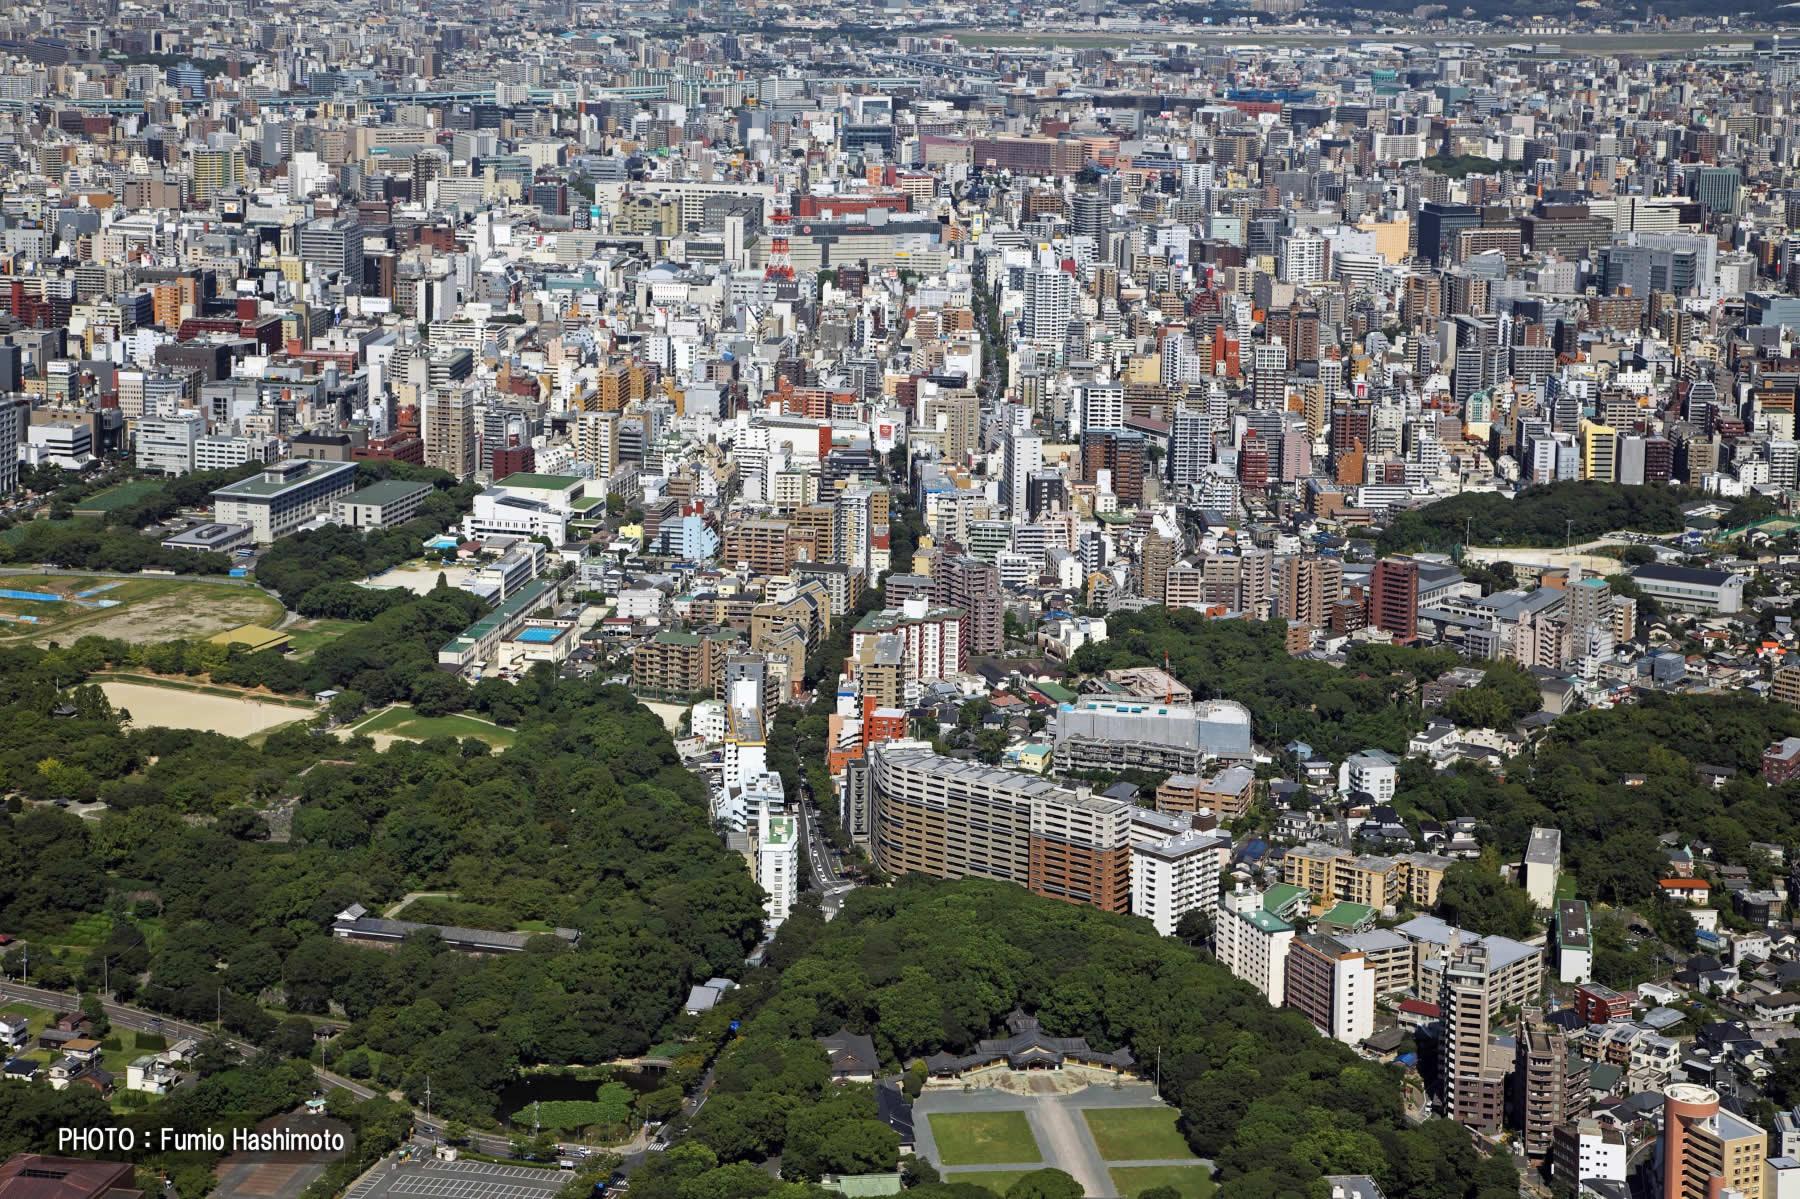 舞鶴公園・けやき通り(2009)の画像